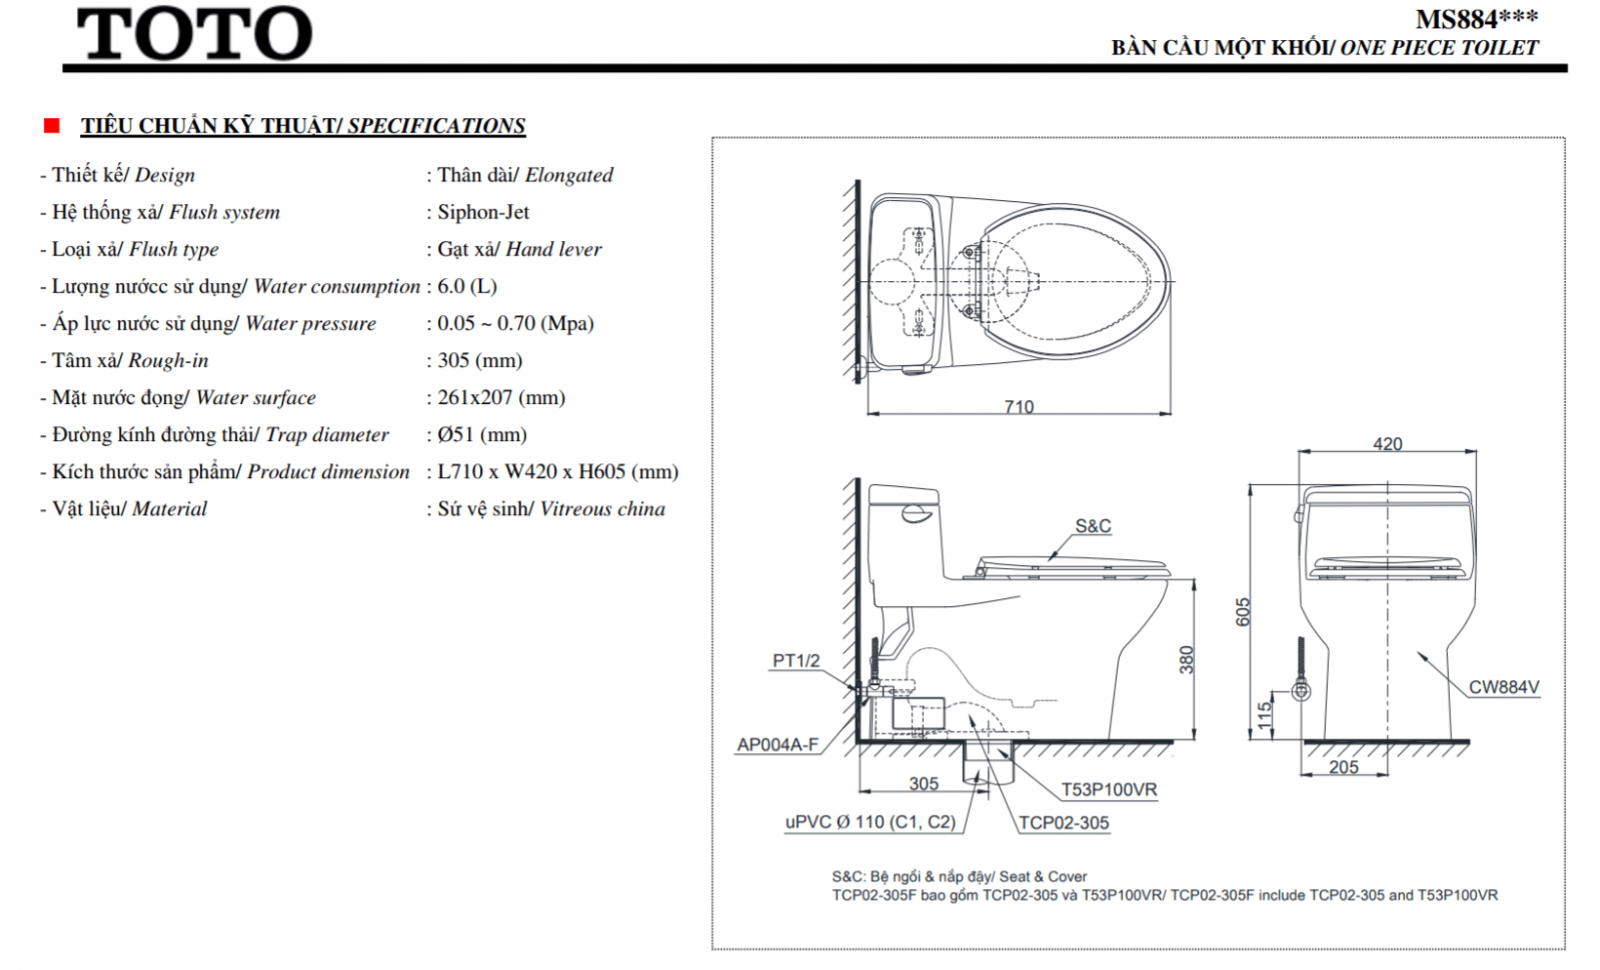 thông số kĩ thuật bồn cầu 1 khối toto washlet MS884